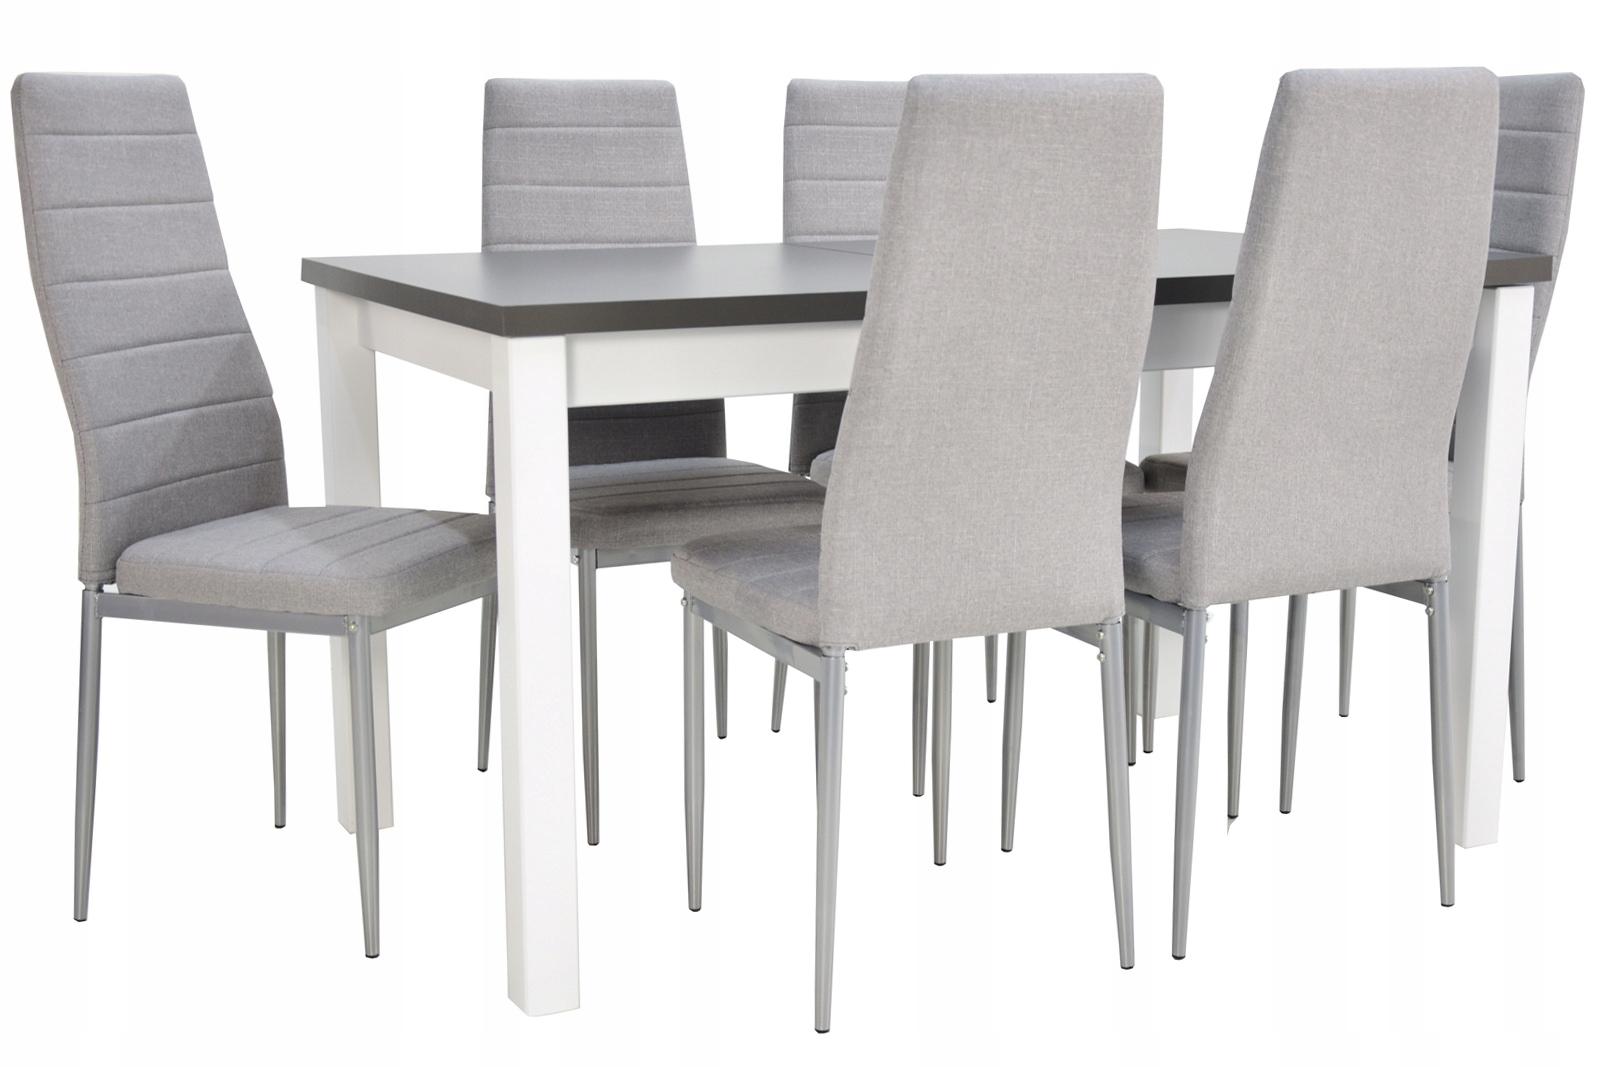 BIAŁO SZARY ZESTAW Stół do 180cm i 6 krzeseł